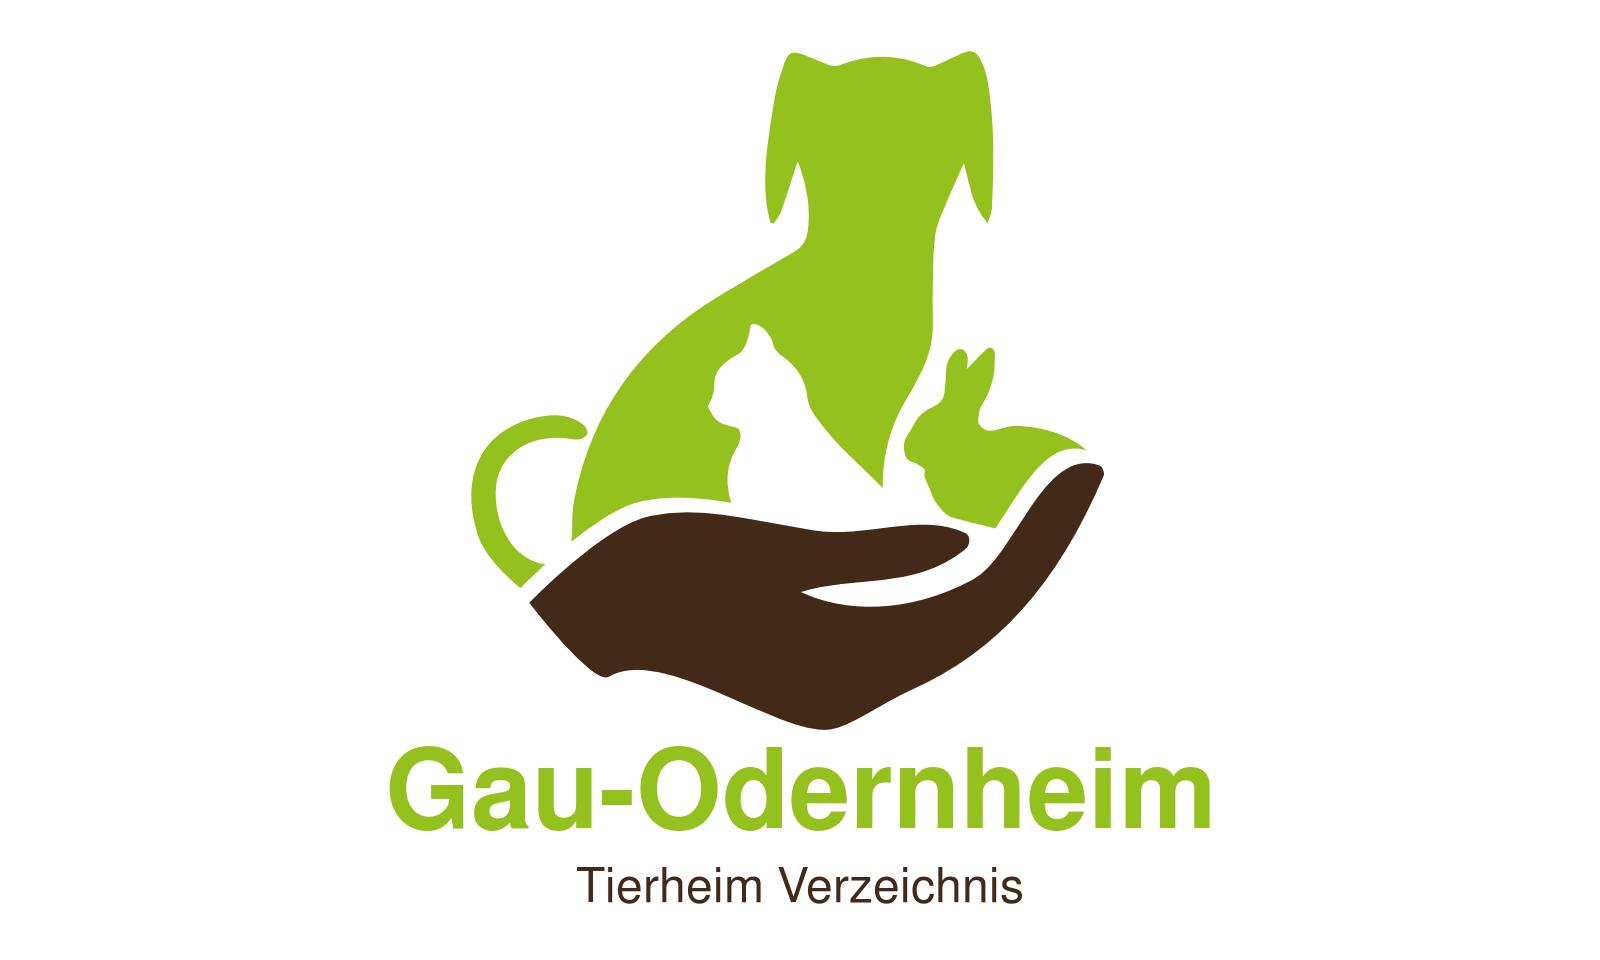 Tierheim Gau-Odernheim